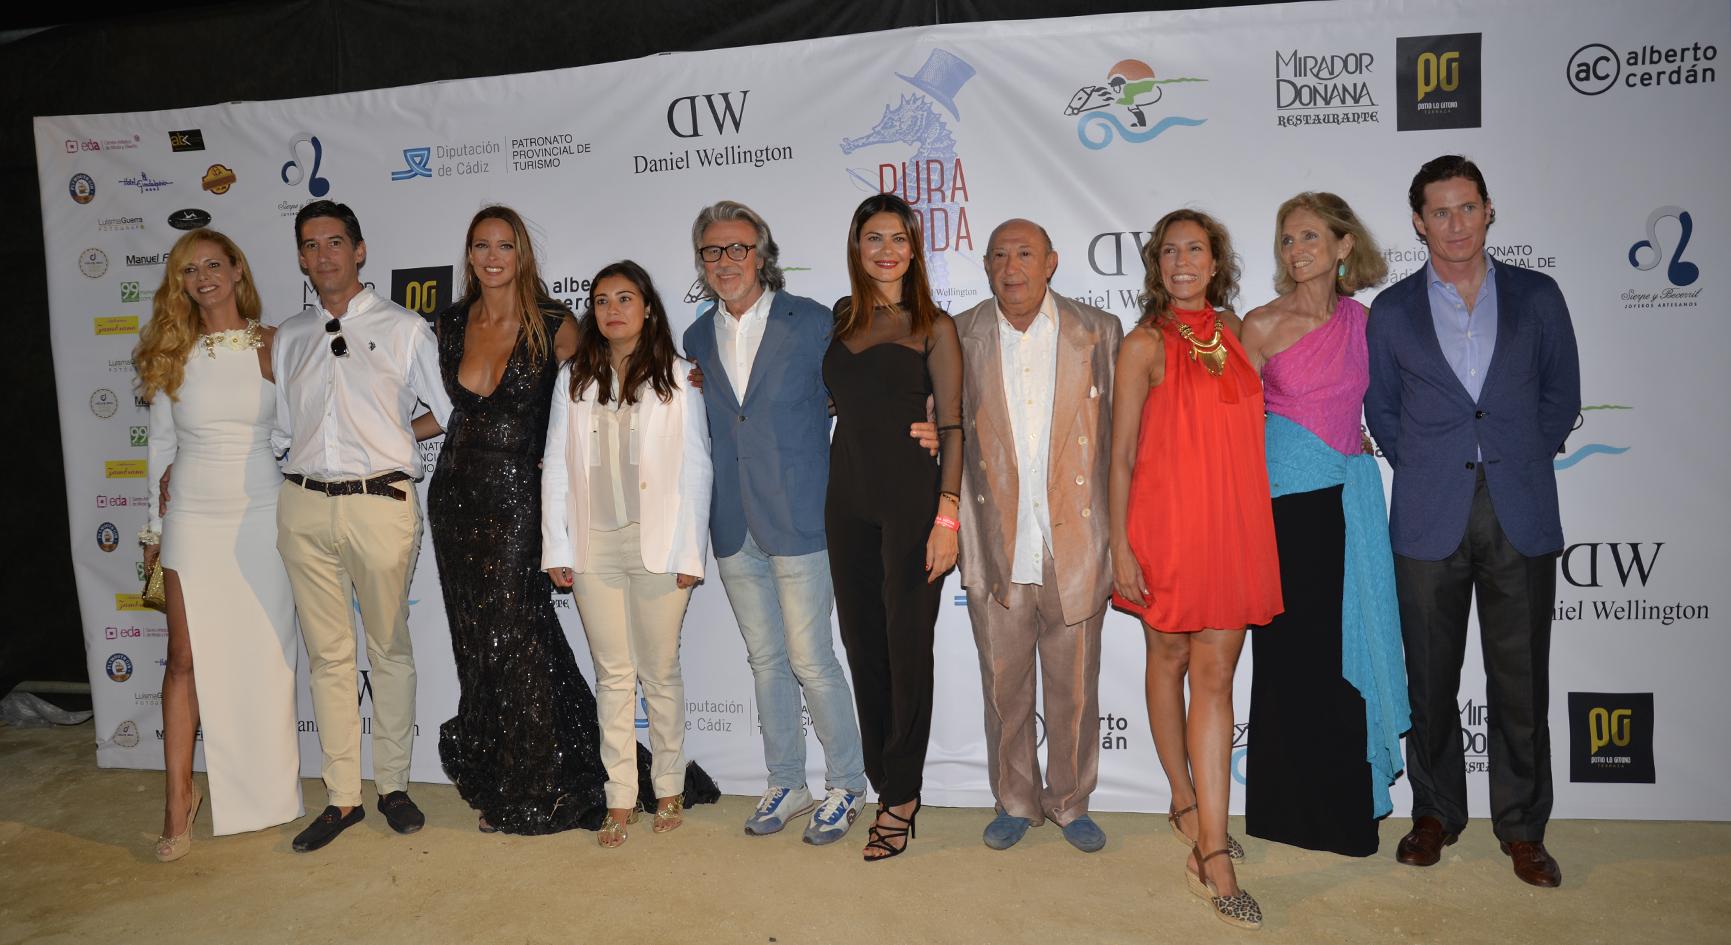 Francis Montesinos, Juana Martín, Pablo y Mayaya y María José Suárez seducen con sus diseños en Pura Moda edición Daniel Wellington